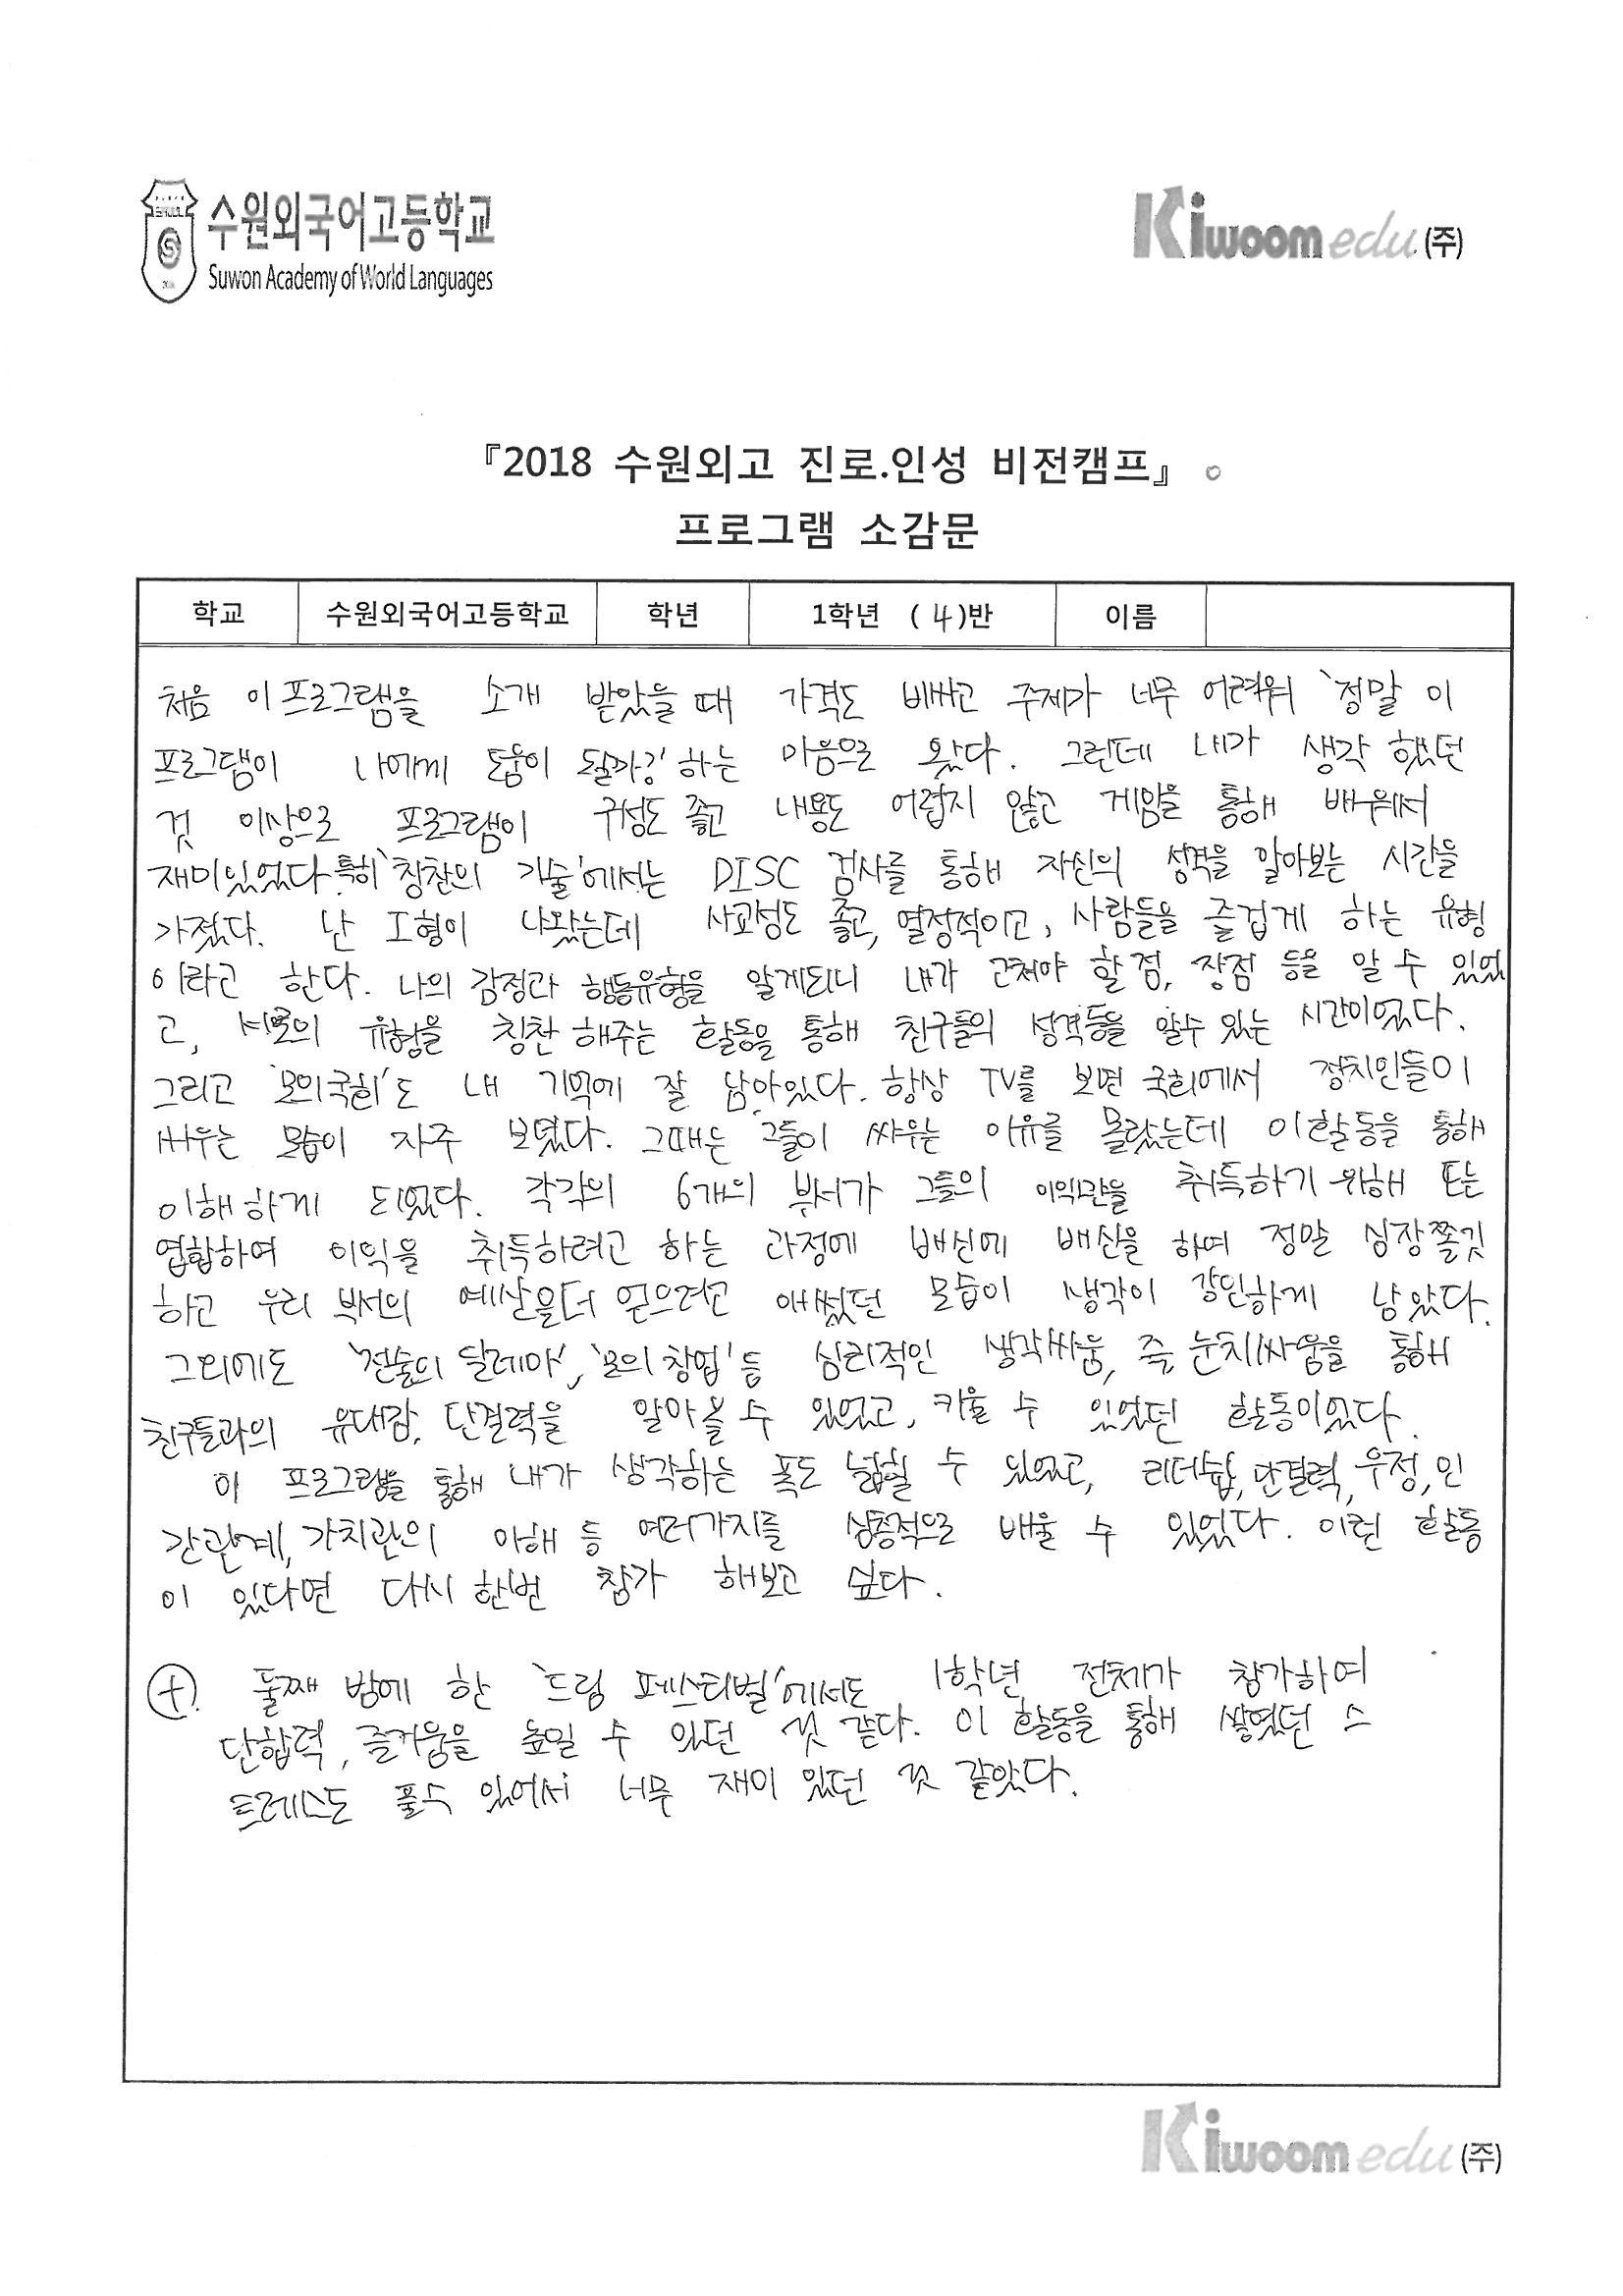 2018 수원외고 우수소감문_Page_12.jpg